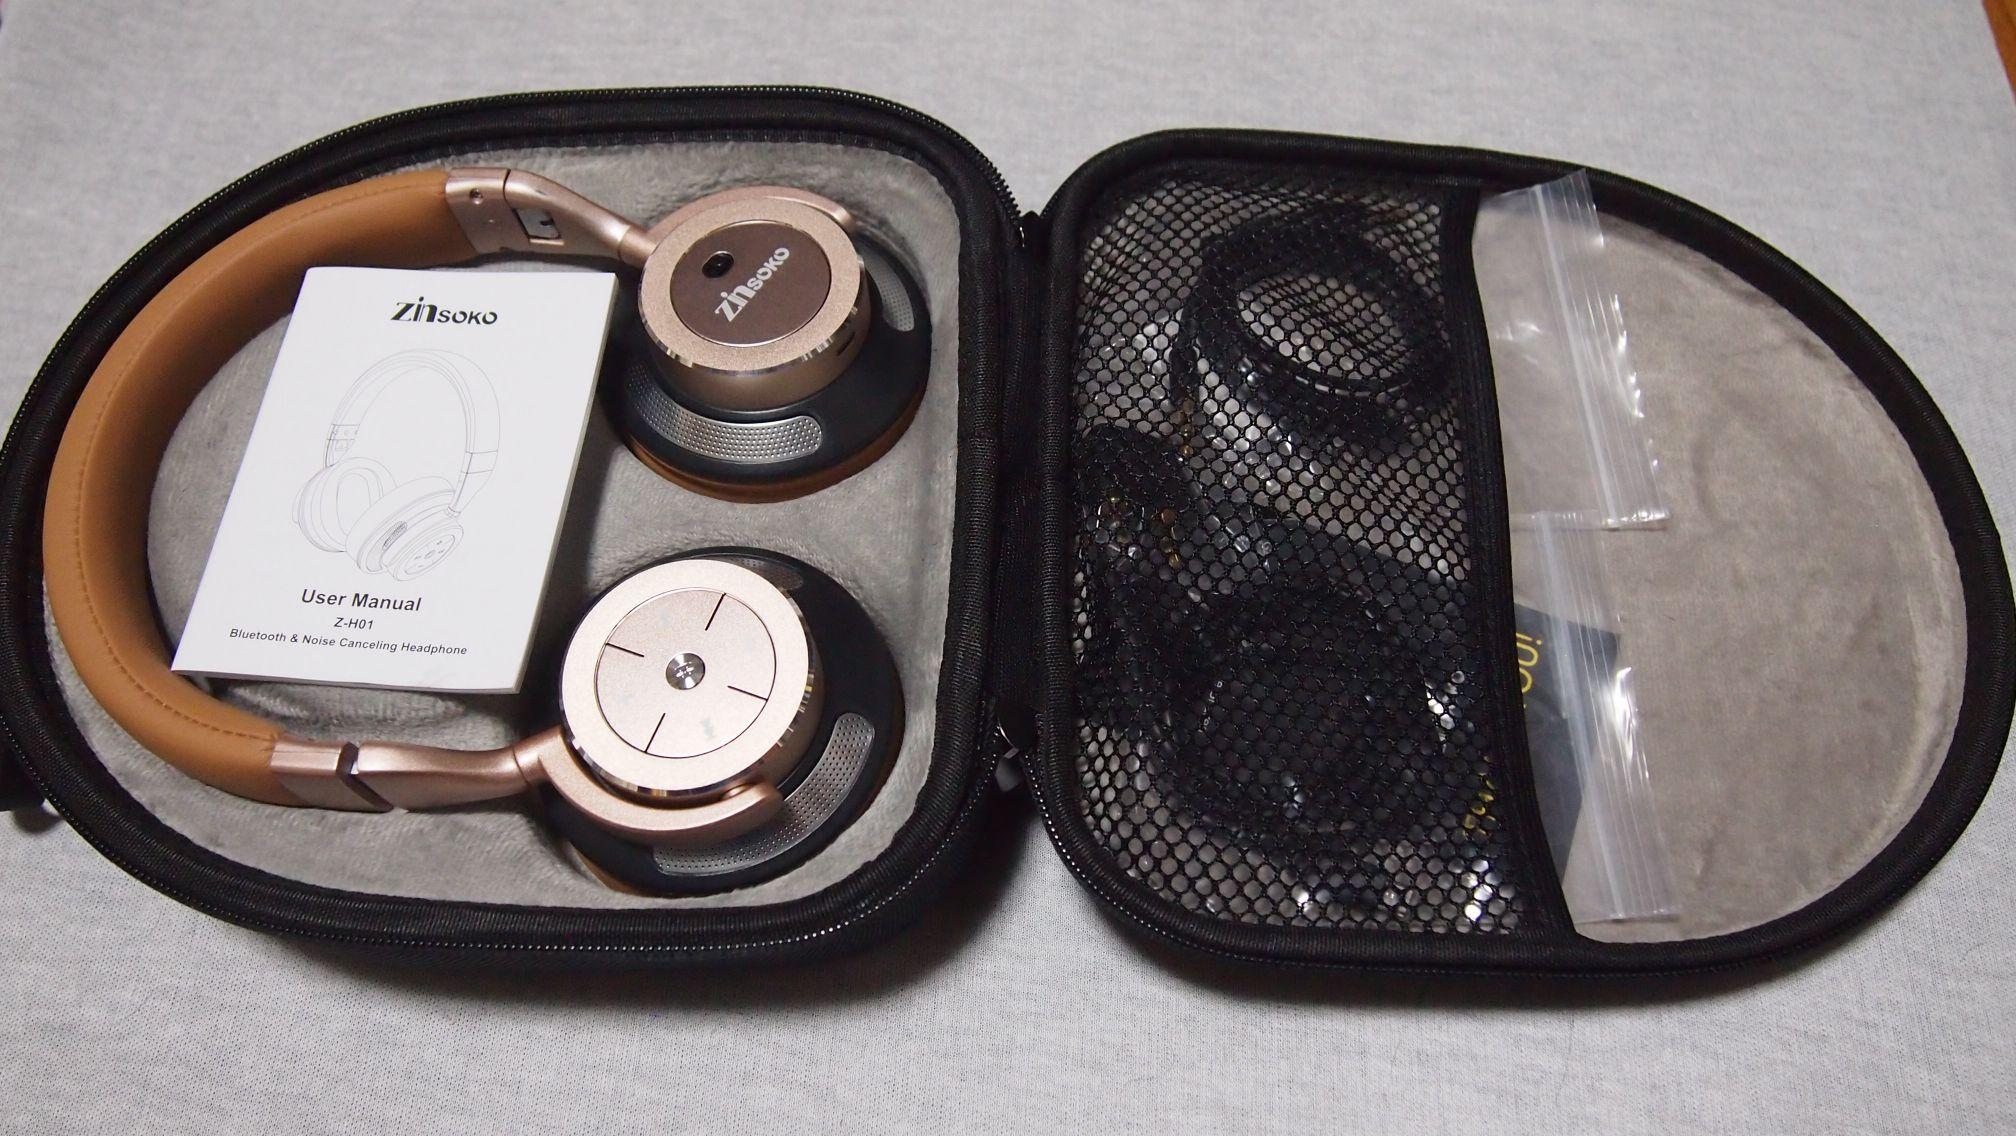 Zinsoko Z-H01 bluetoothヘッドホン 化粧箱